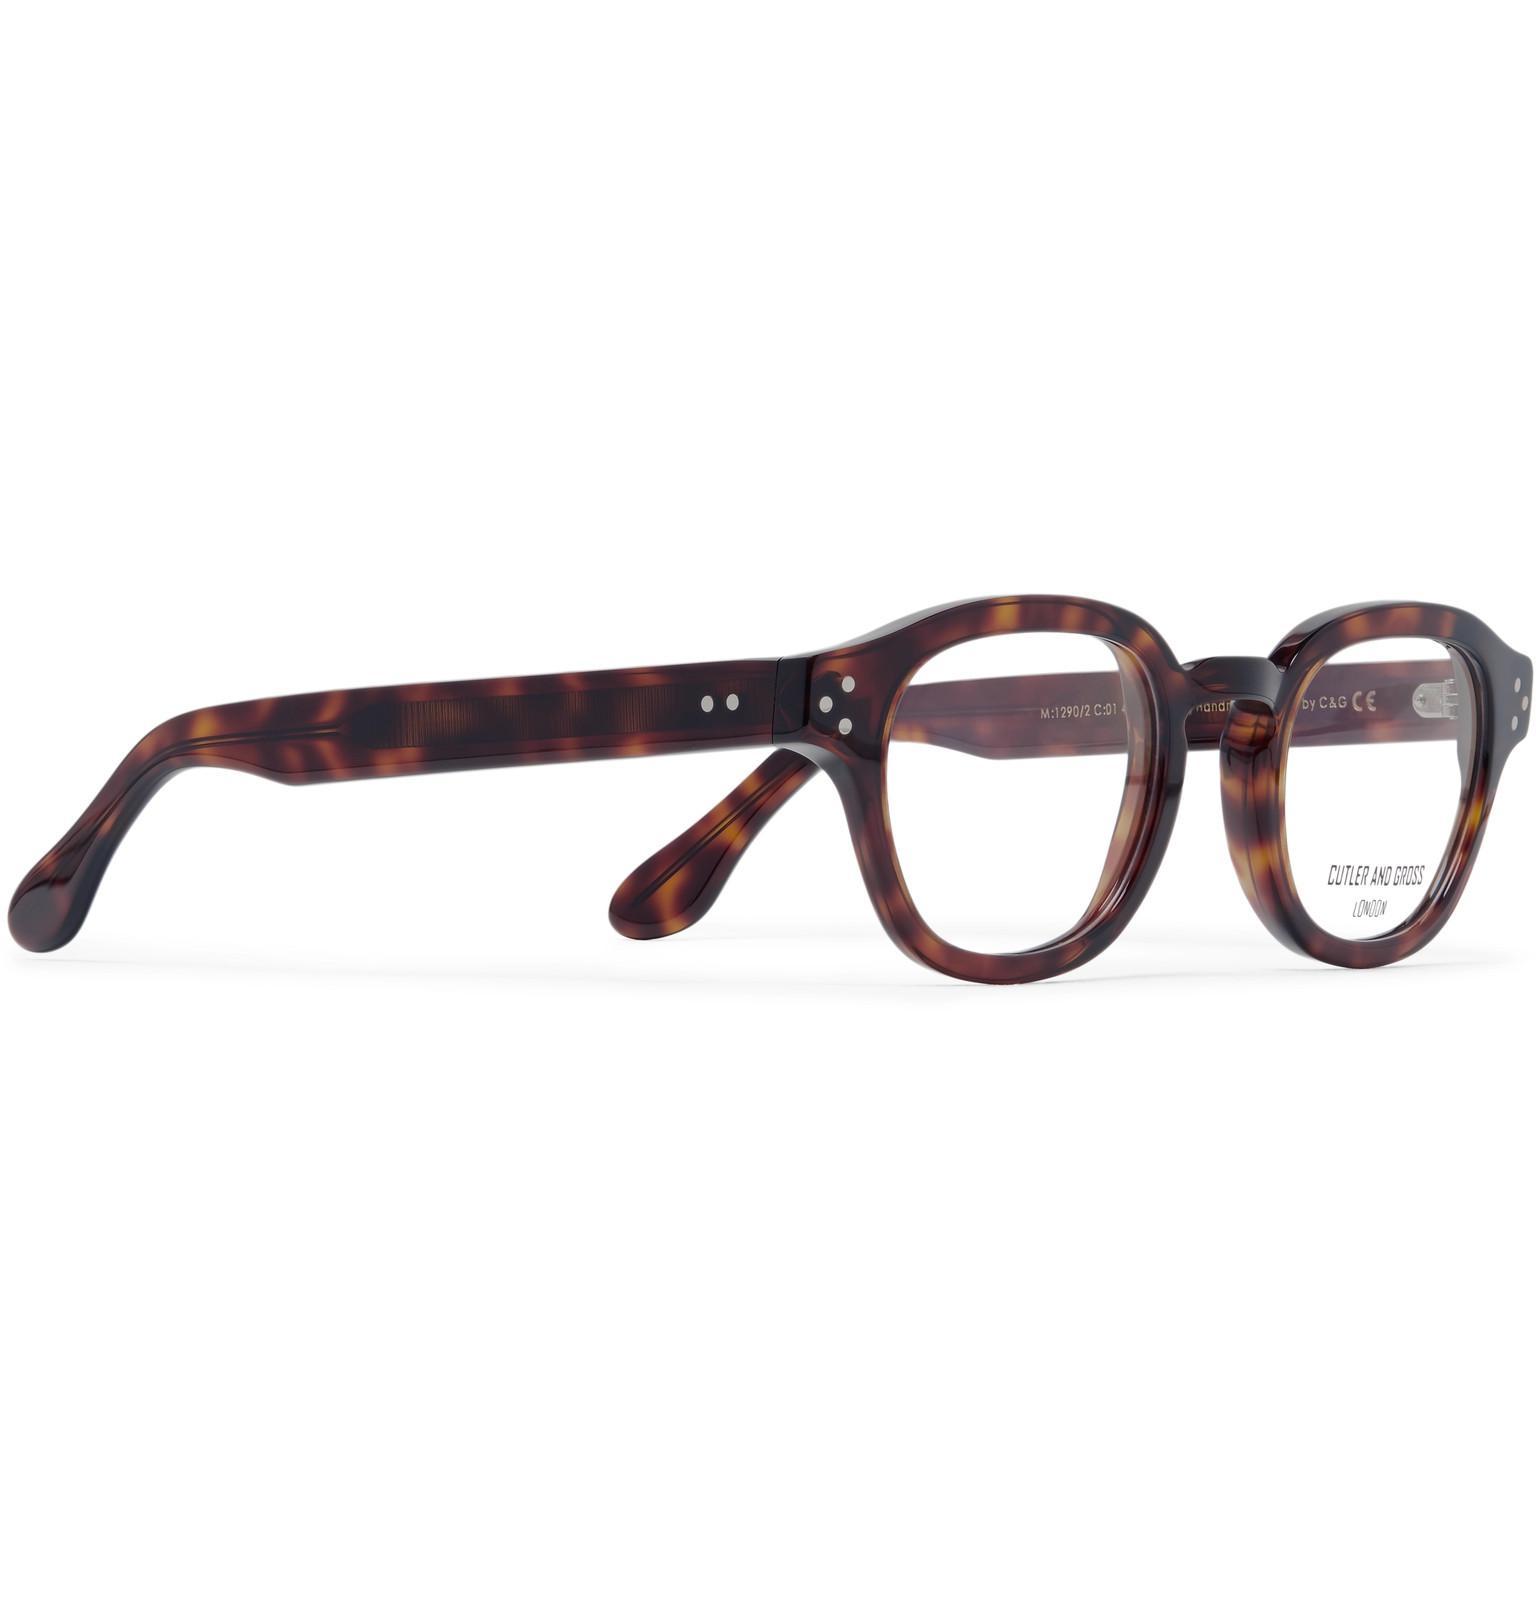 cf3afd6d7 Cutler & Gross - Brown Round-frame Tortoiseshell Acetate Optical Glasses  for Men - Lyst. View fullscreen